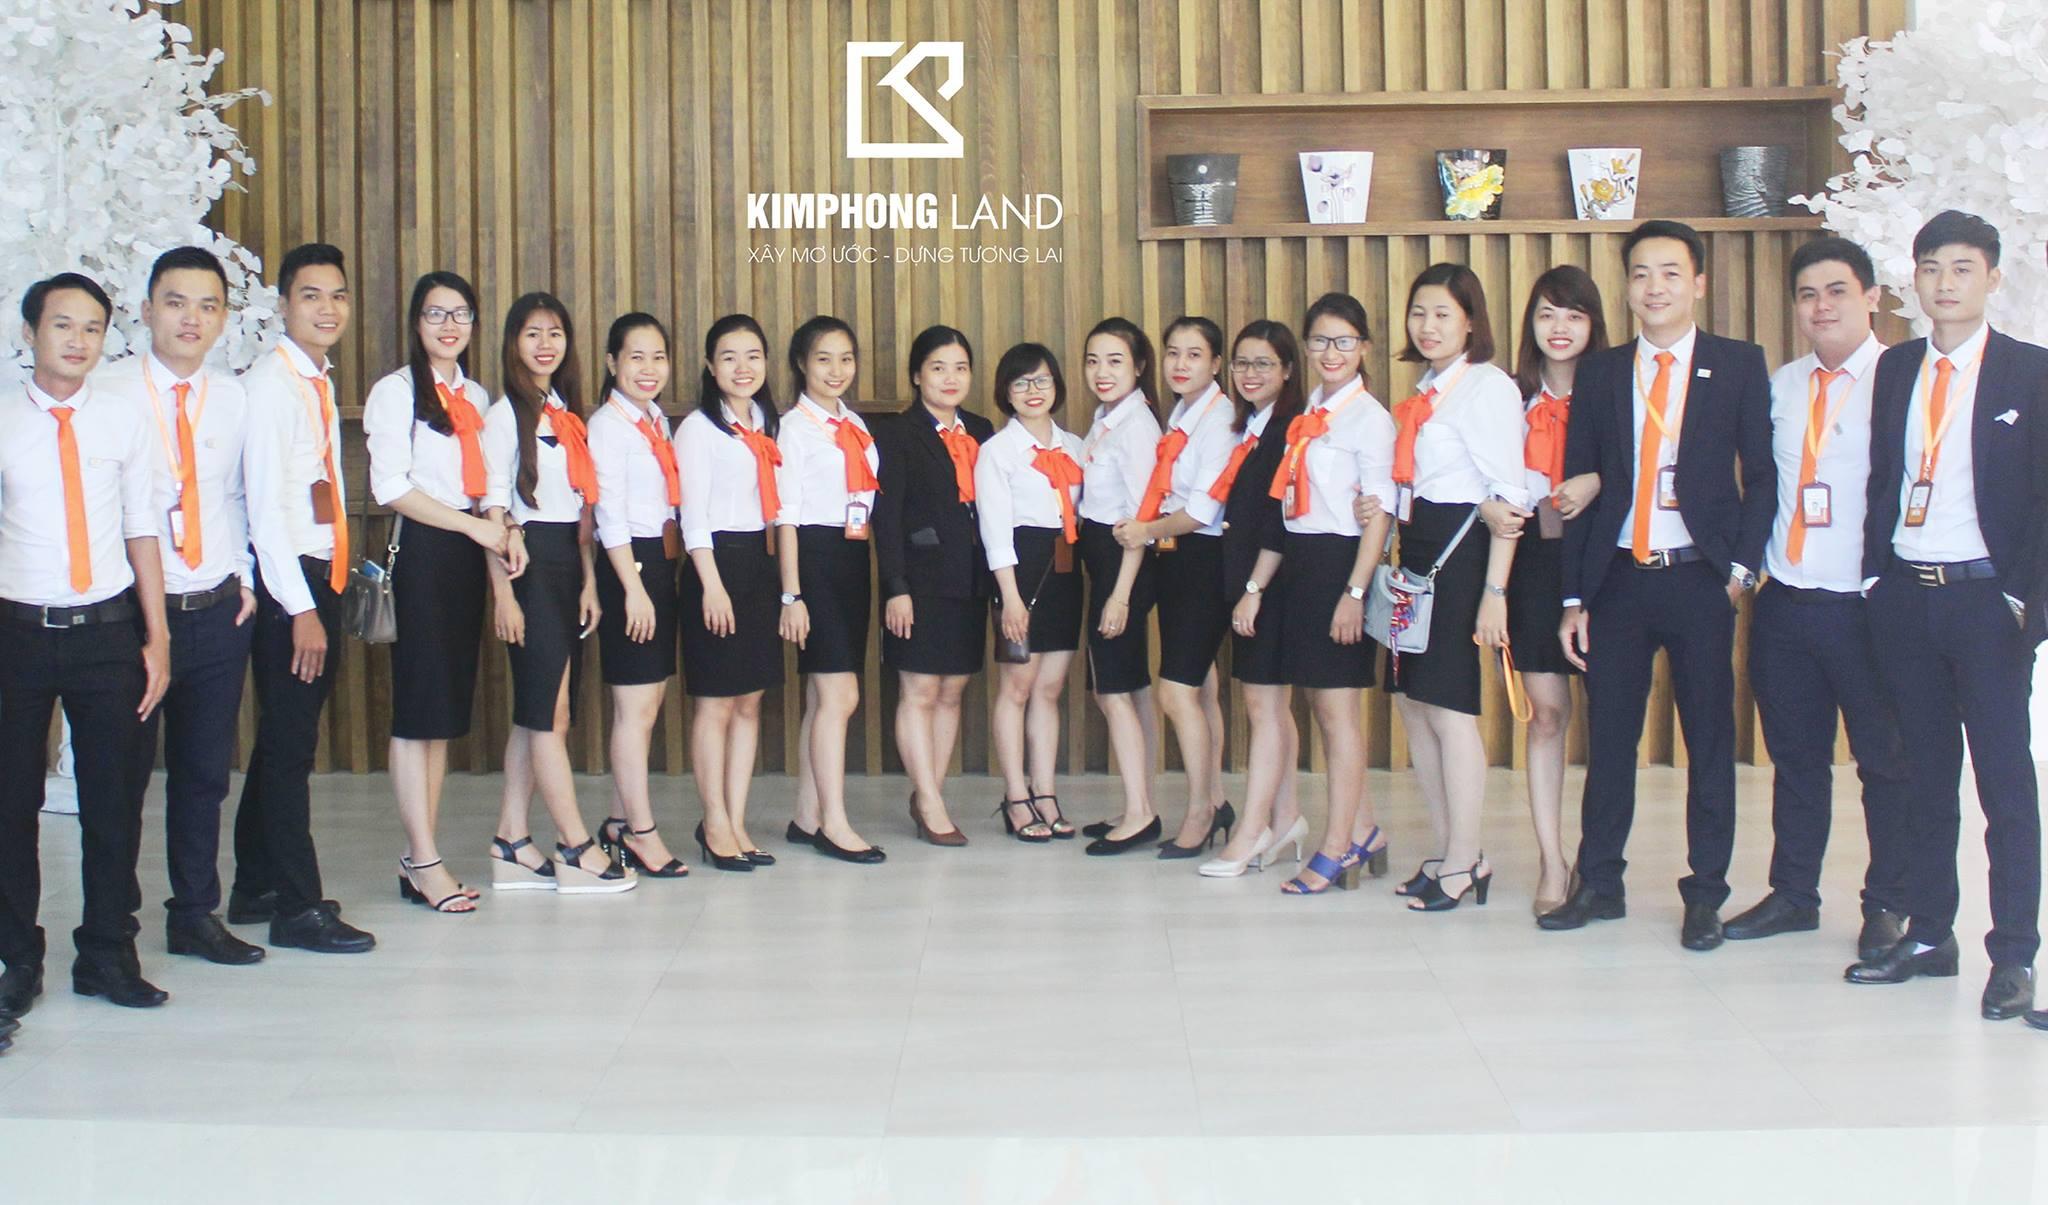 kimphongland